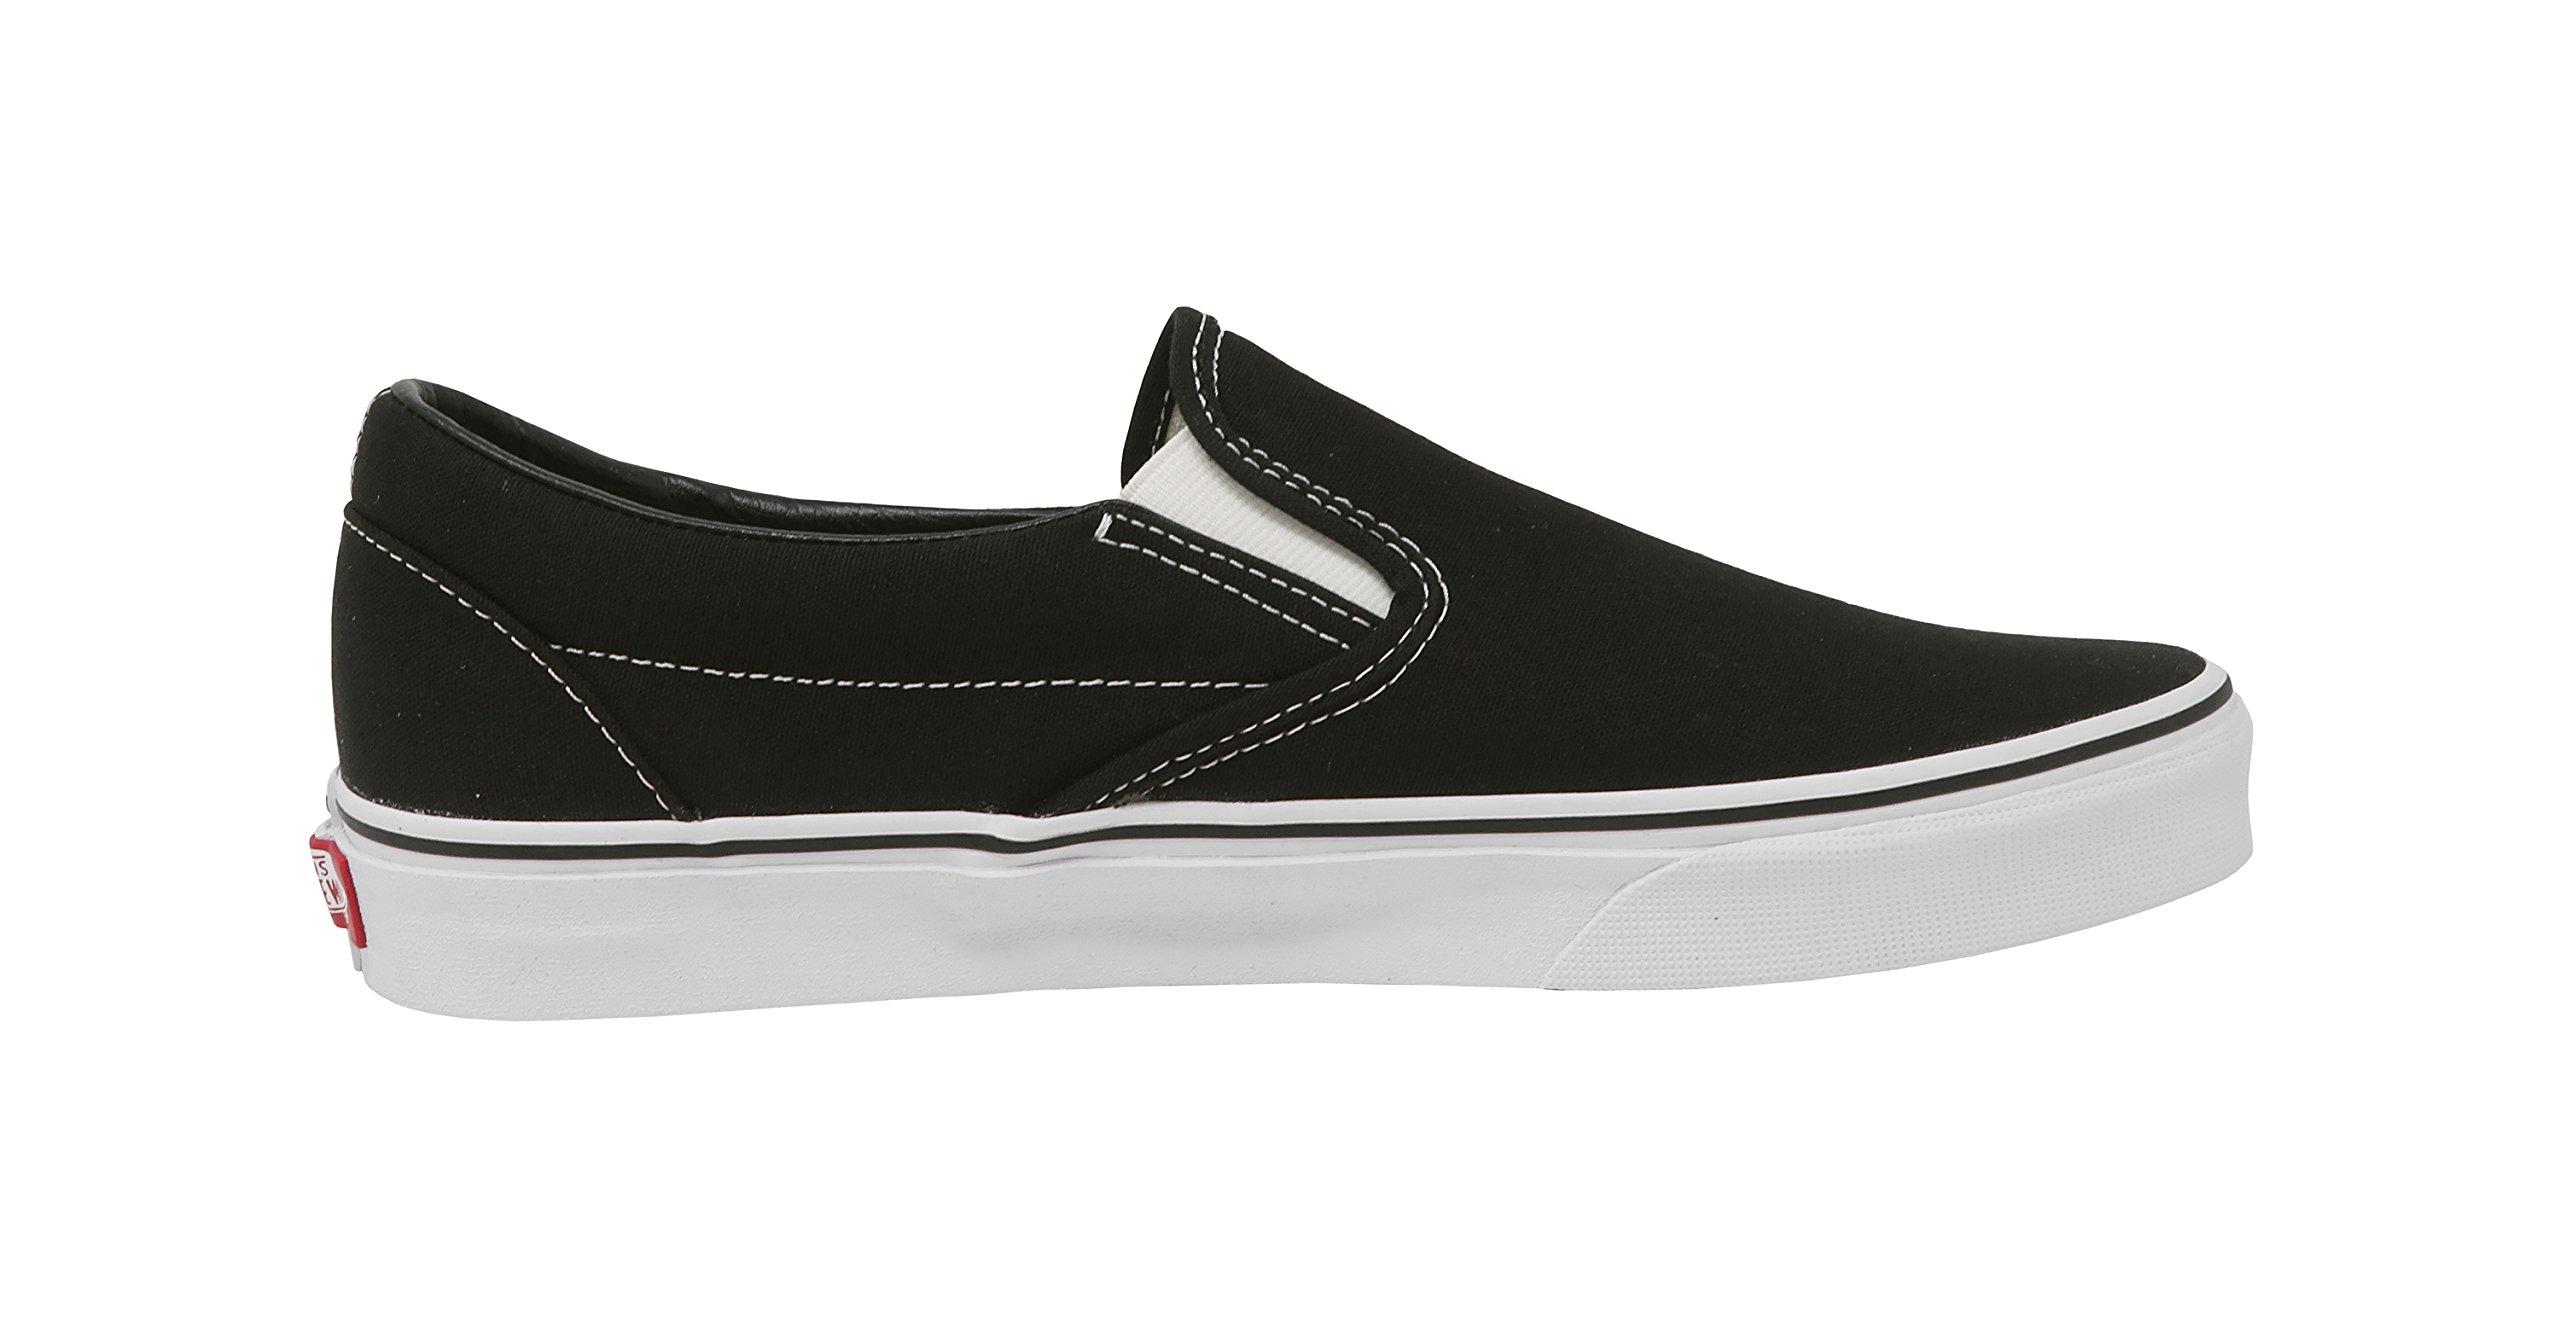 Vans U Classic Slip-On Skate Shoe Black 9.5 D(M) US by Vans (Image #3)